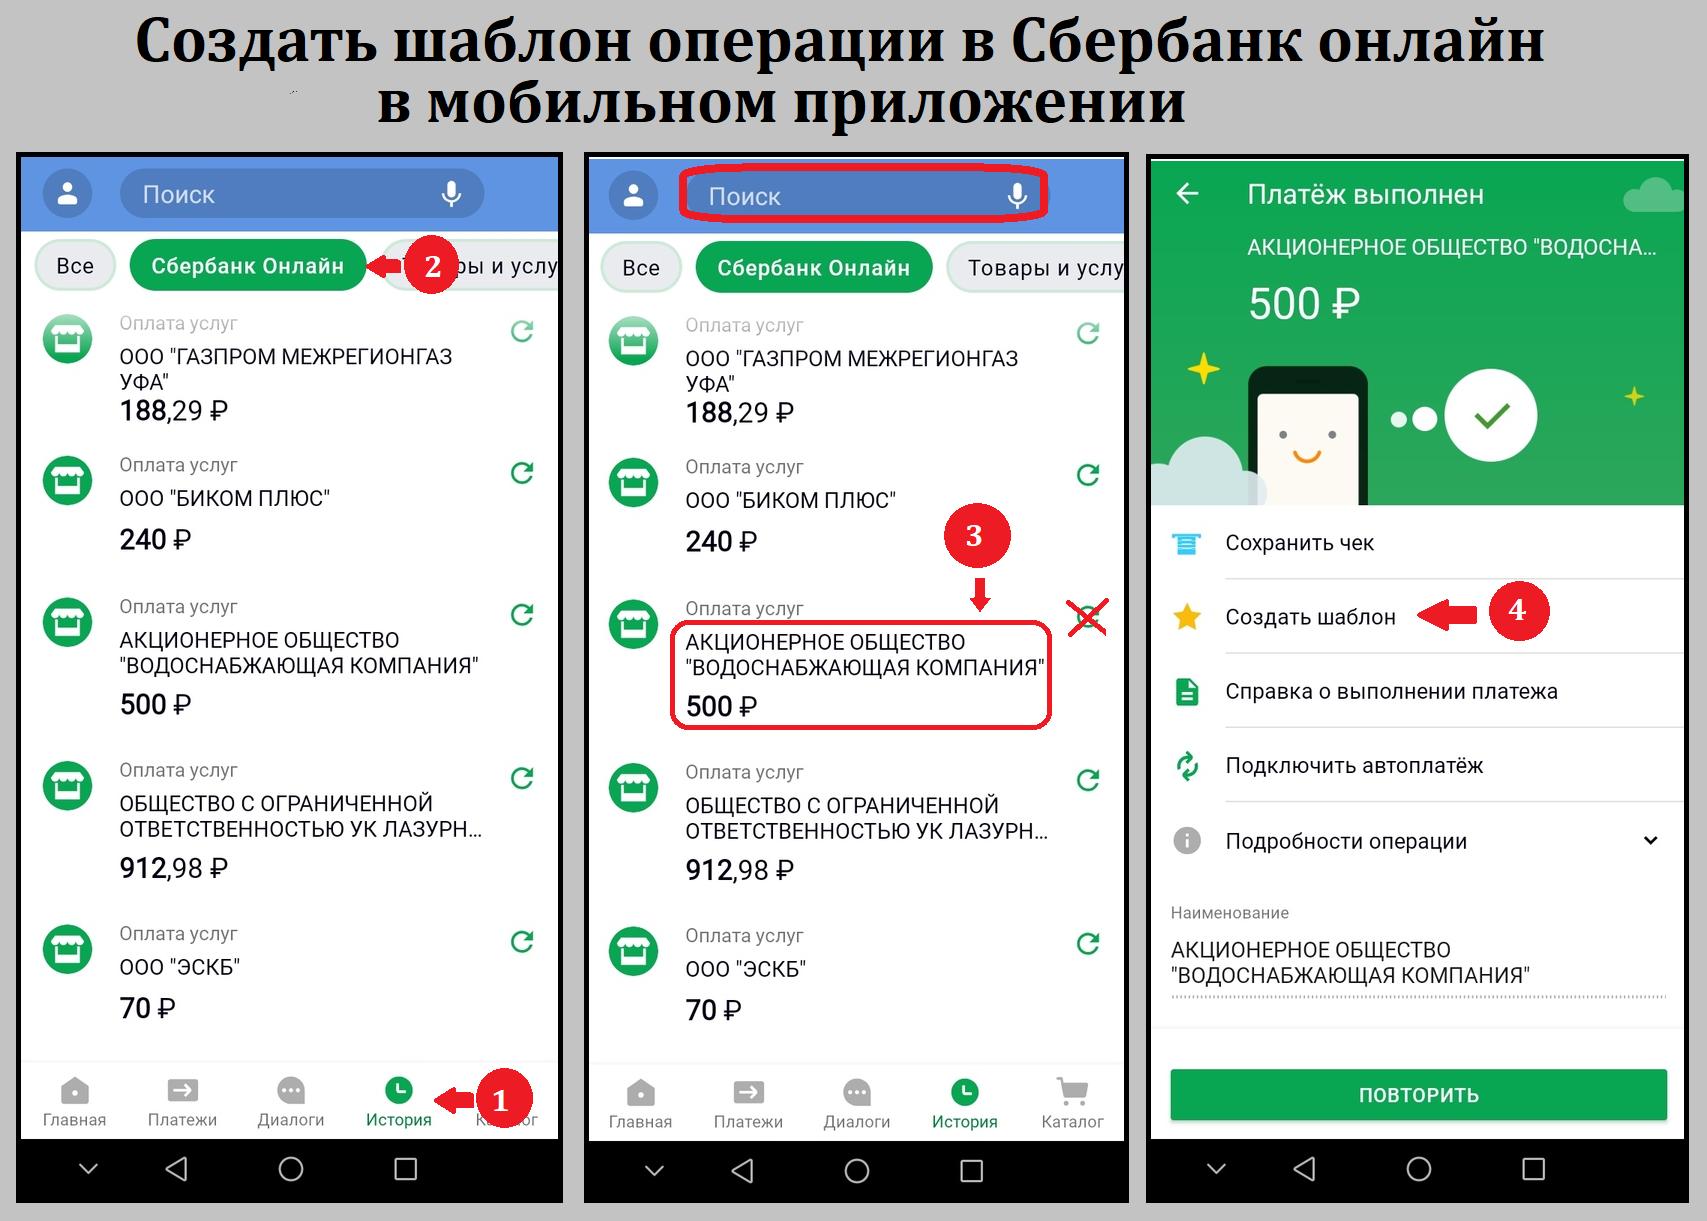 как создать шаблон в телефоне в сбербанк онлайн